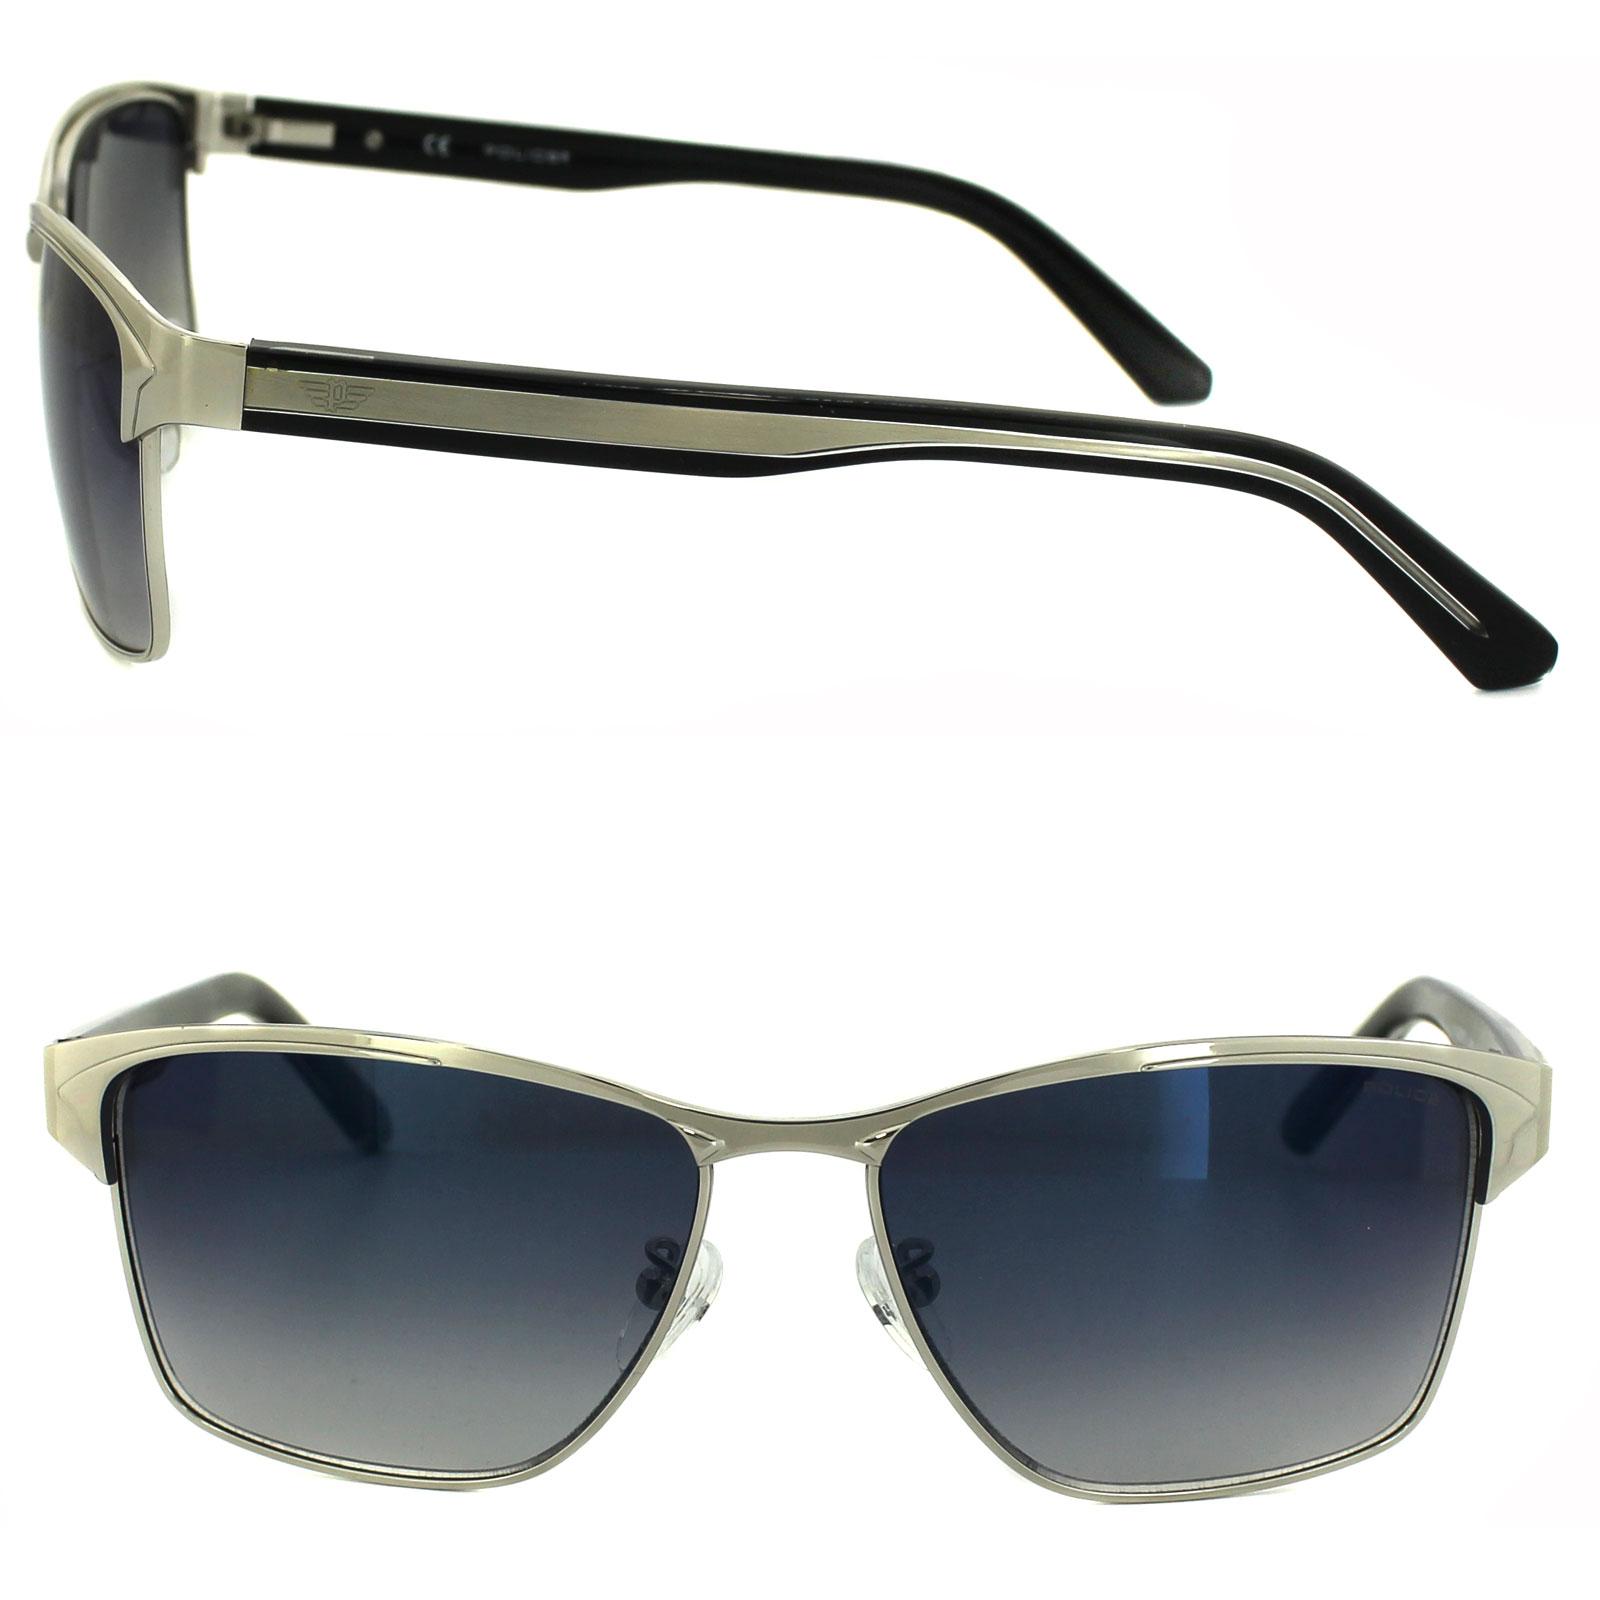 75d3e70131a ... Police Sunglasses Glider 2 8851 579B Palladium   Black Blue Mirror  Gradient Thumbnail ...